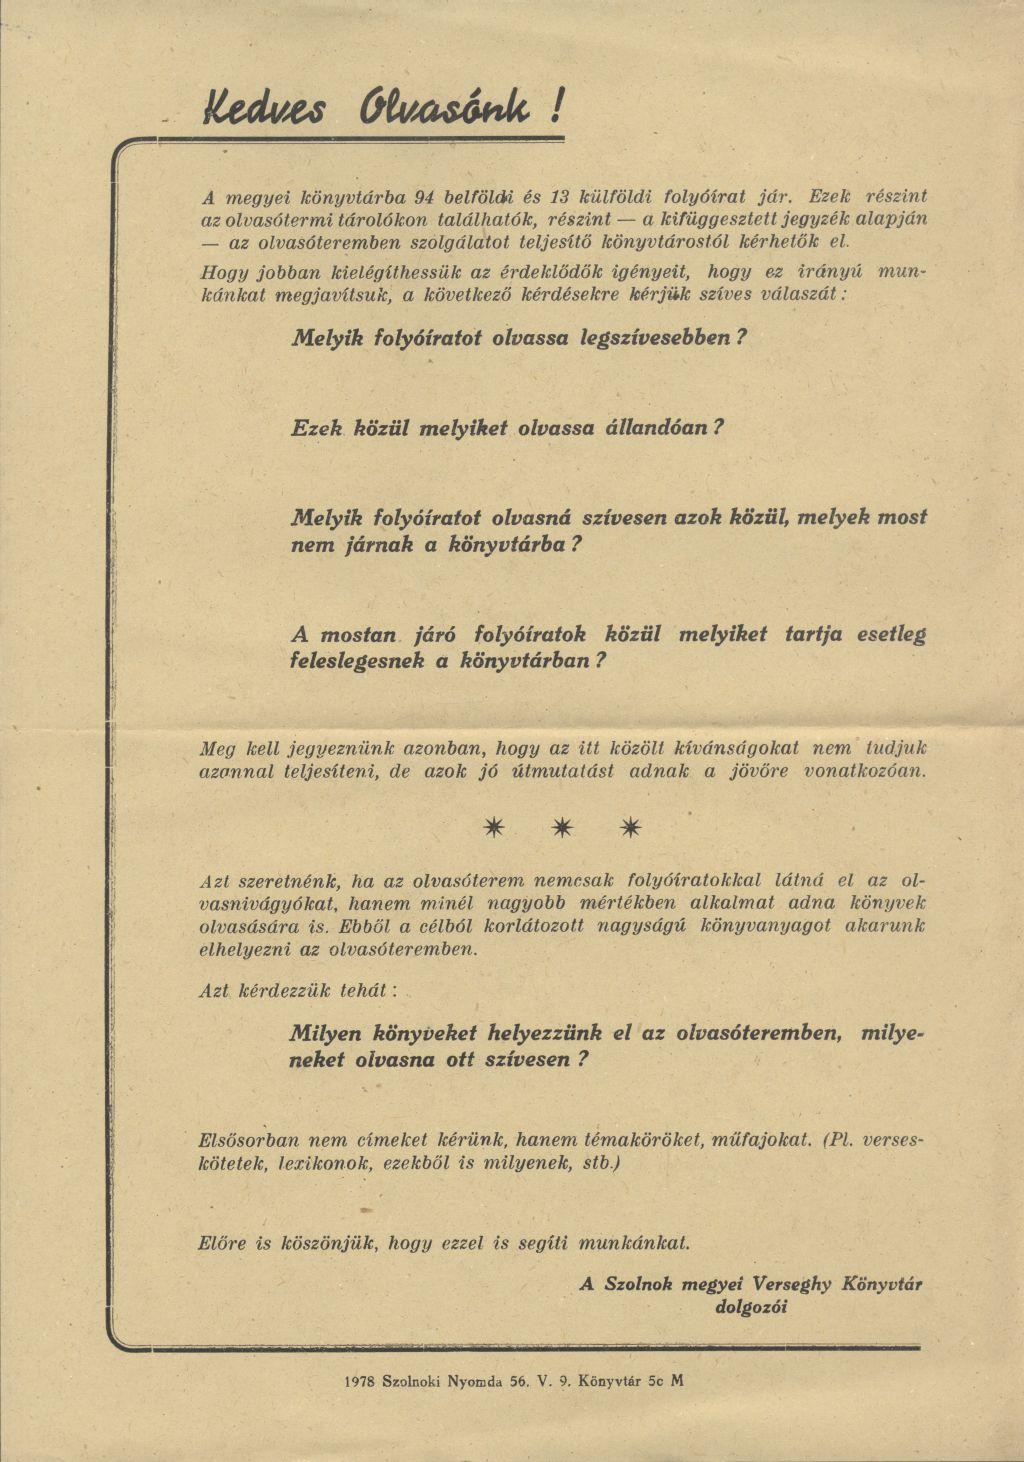 Verseghy Ferenc könyvtár tájékoztatója